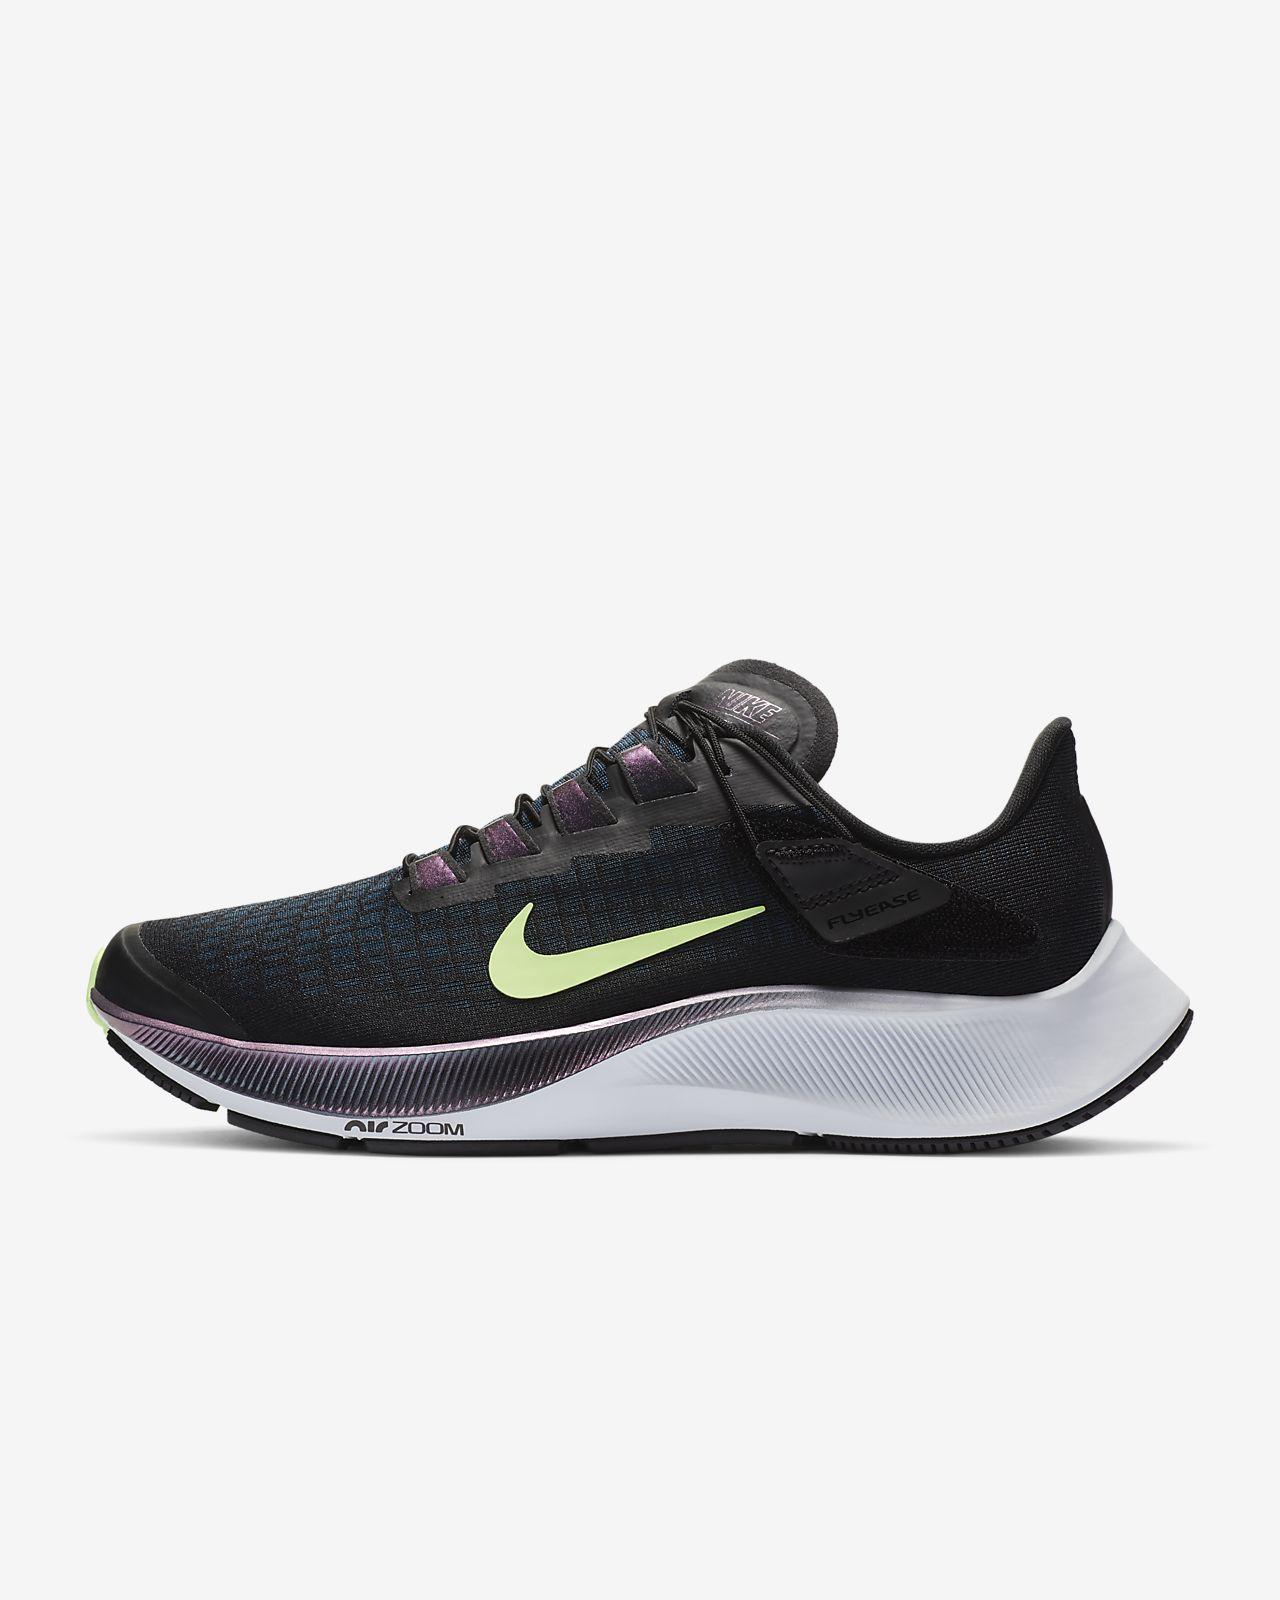 Damskie buty do biegania Nike Air Zoom Pegasus 37 FlyEase